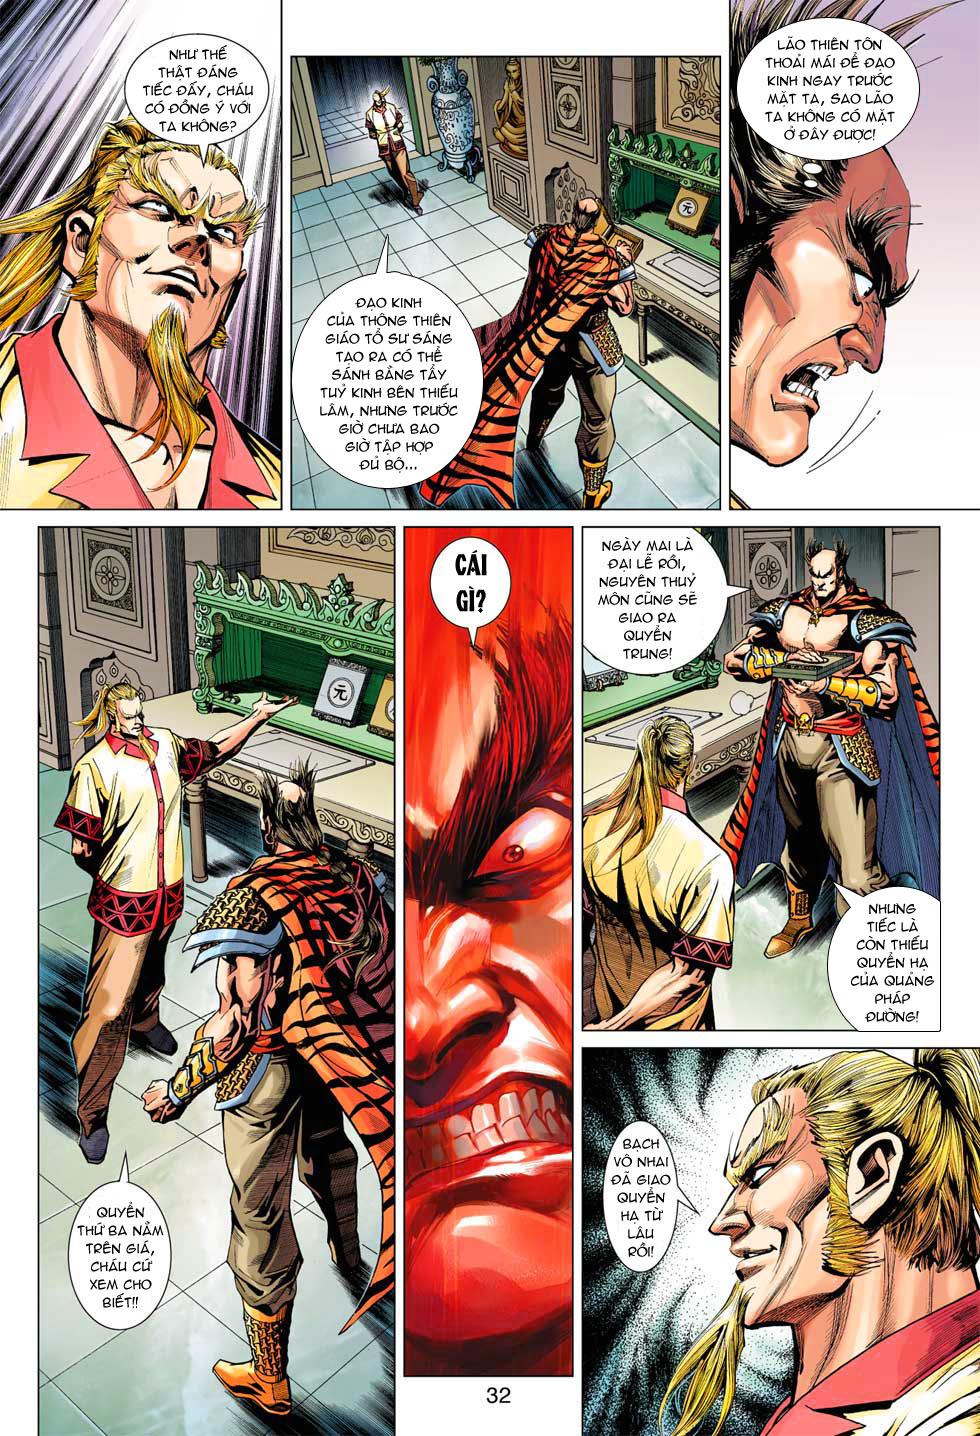 Tân Tác Long Hổ Môn chap 369 - Trang 32